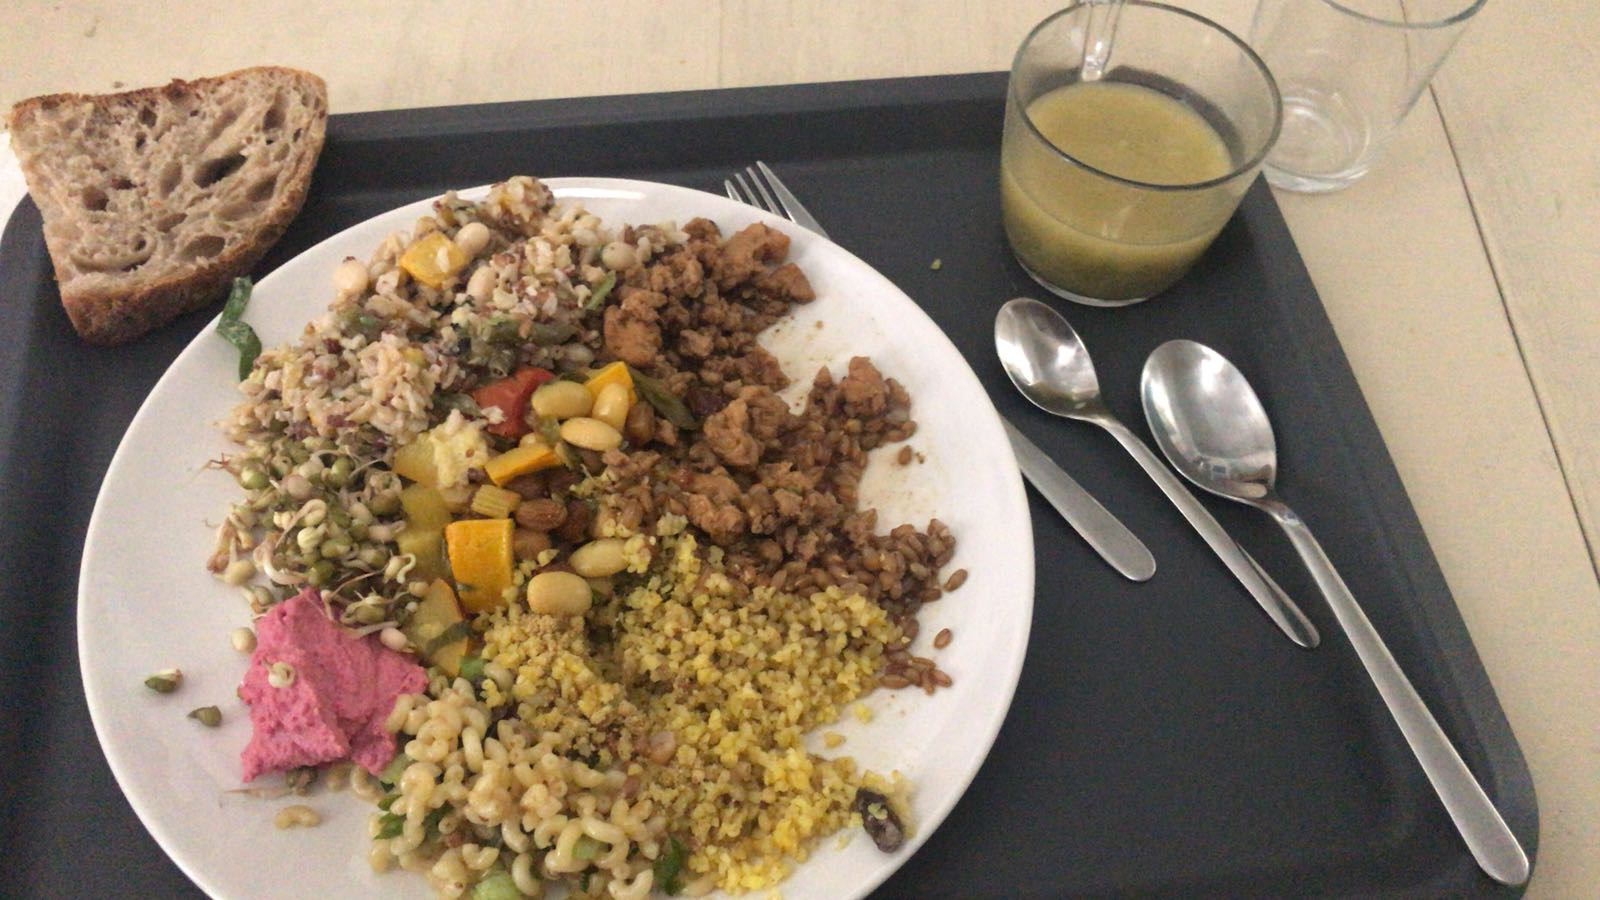 Where eating vegan in Avignon?